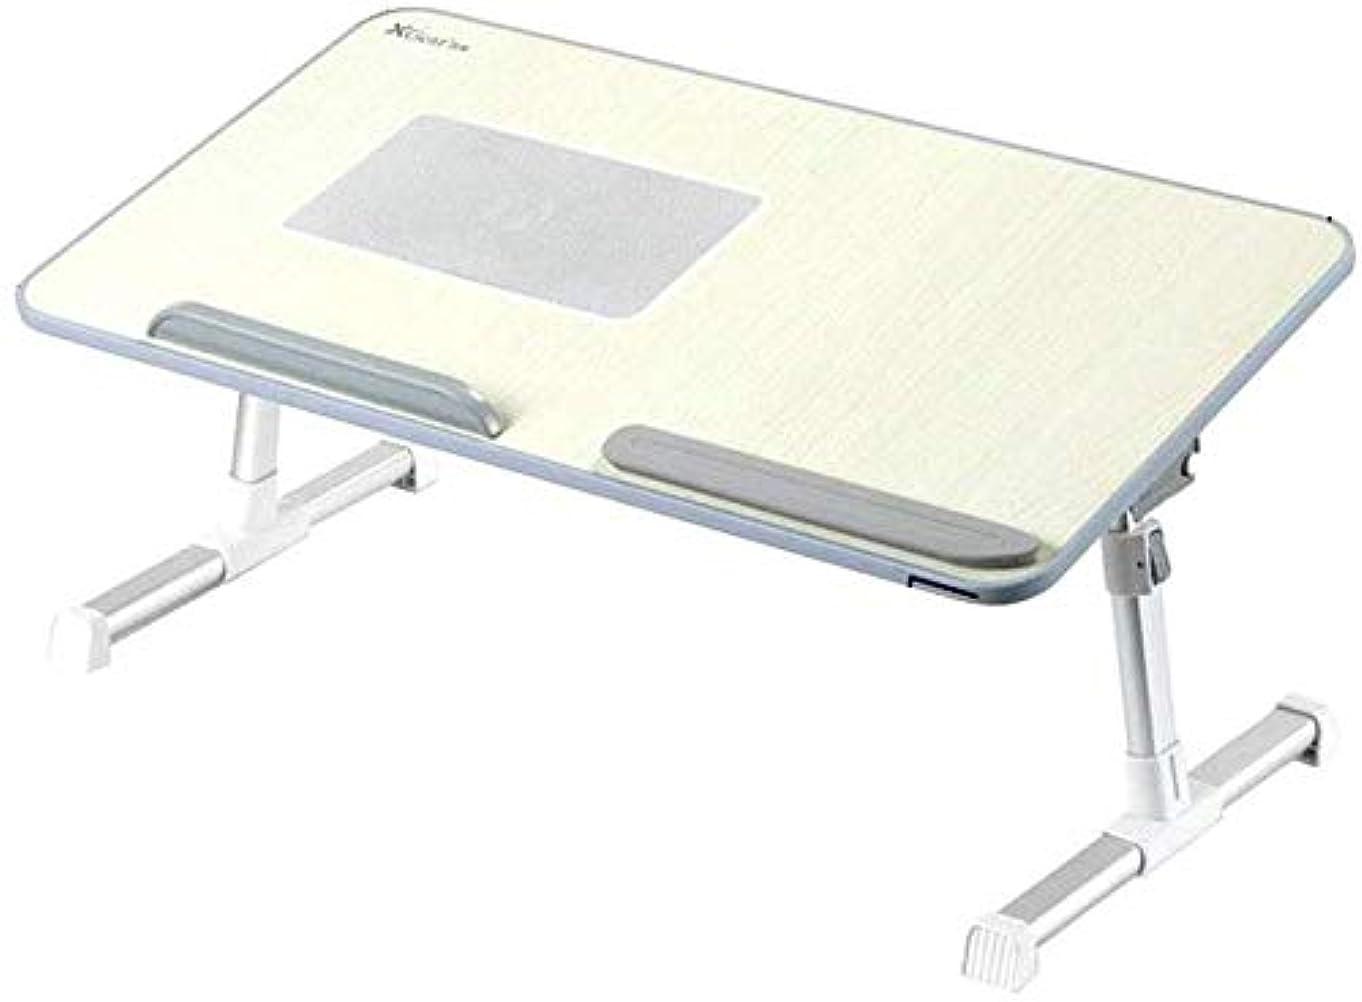 出会い可愛い従事したシンプルな小さなテーブル/ (:52x30x32cmサイズ)ラップトップテーブル怠惰な折り畳み式リフトブラケットベッドルーム小さなテーブルには小さな机女性用ドミトリー?カレッジの学生多機能ベッドホームライティングテーブルとベッドを作ります (Size : 52x30x32cm)